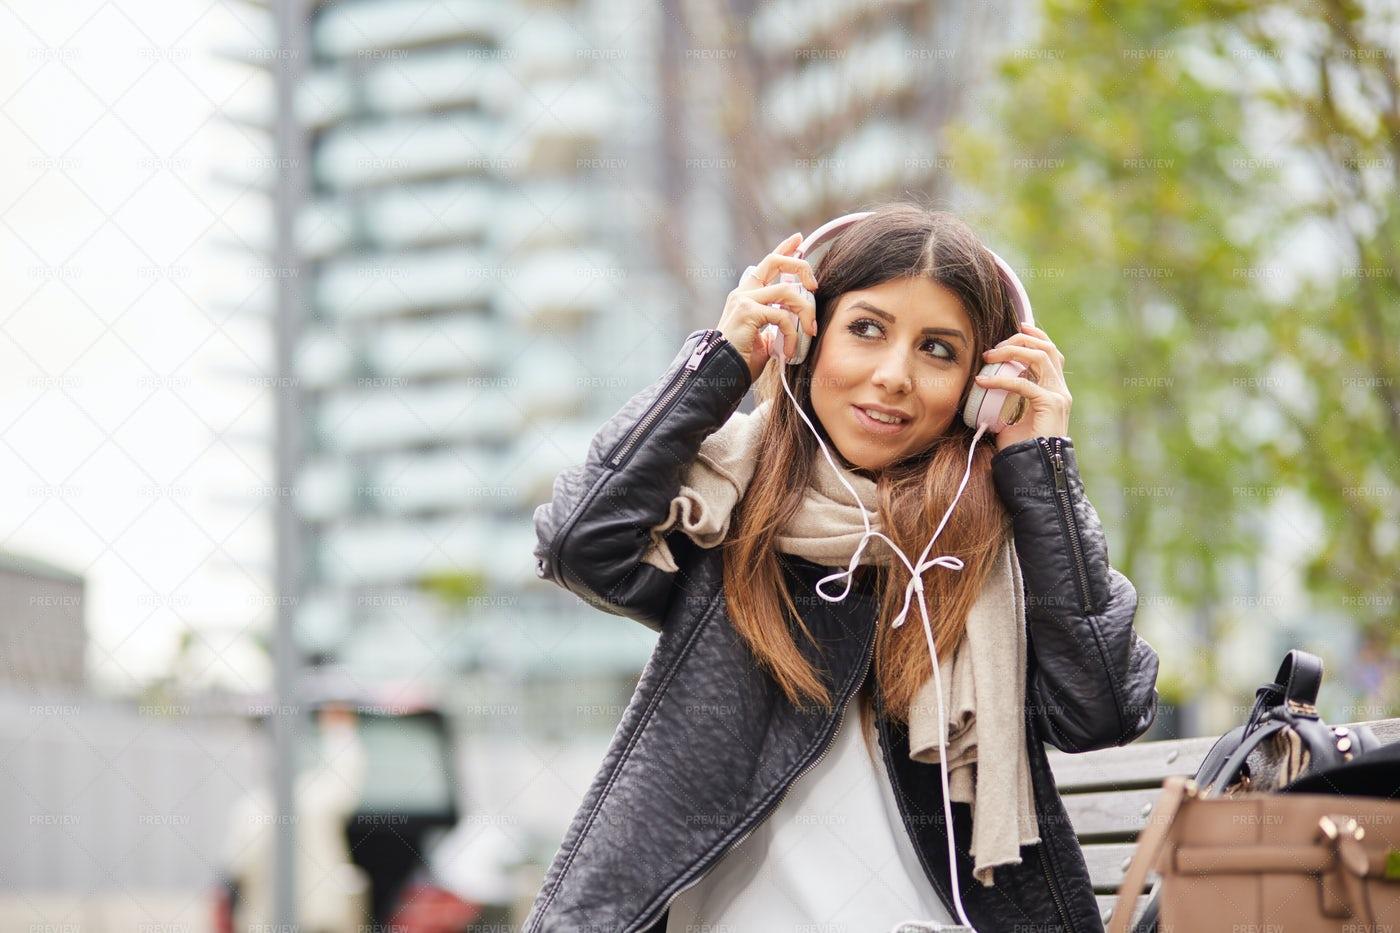 Woman Putting Her Headphones: Stock Photos